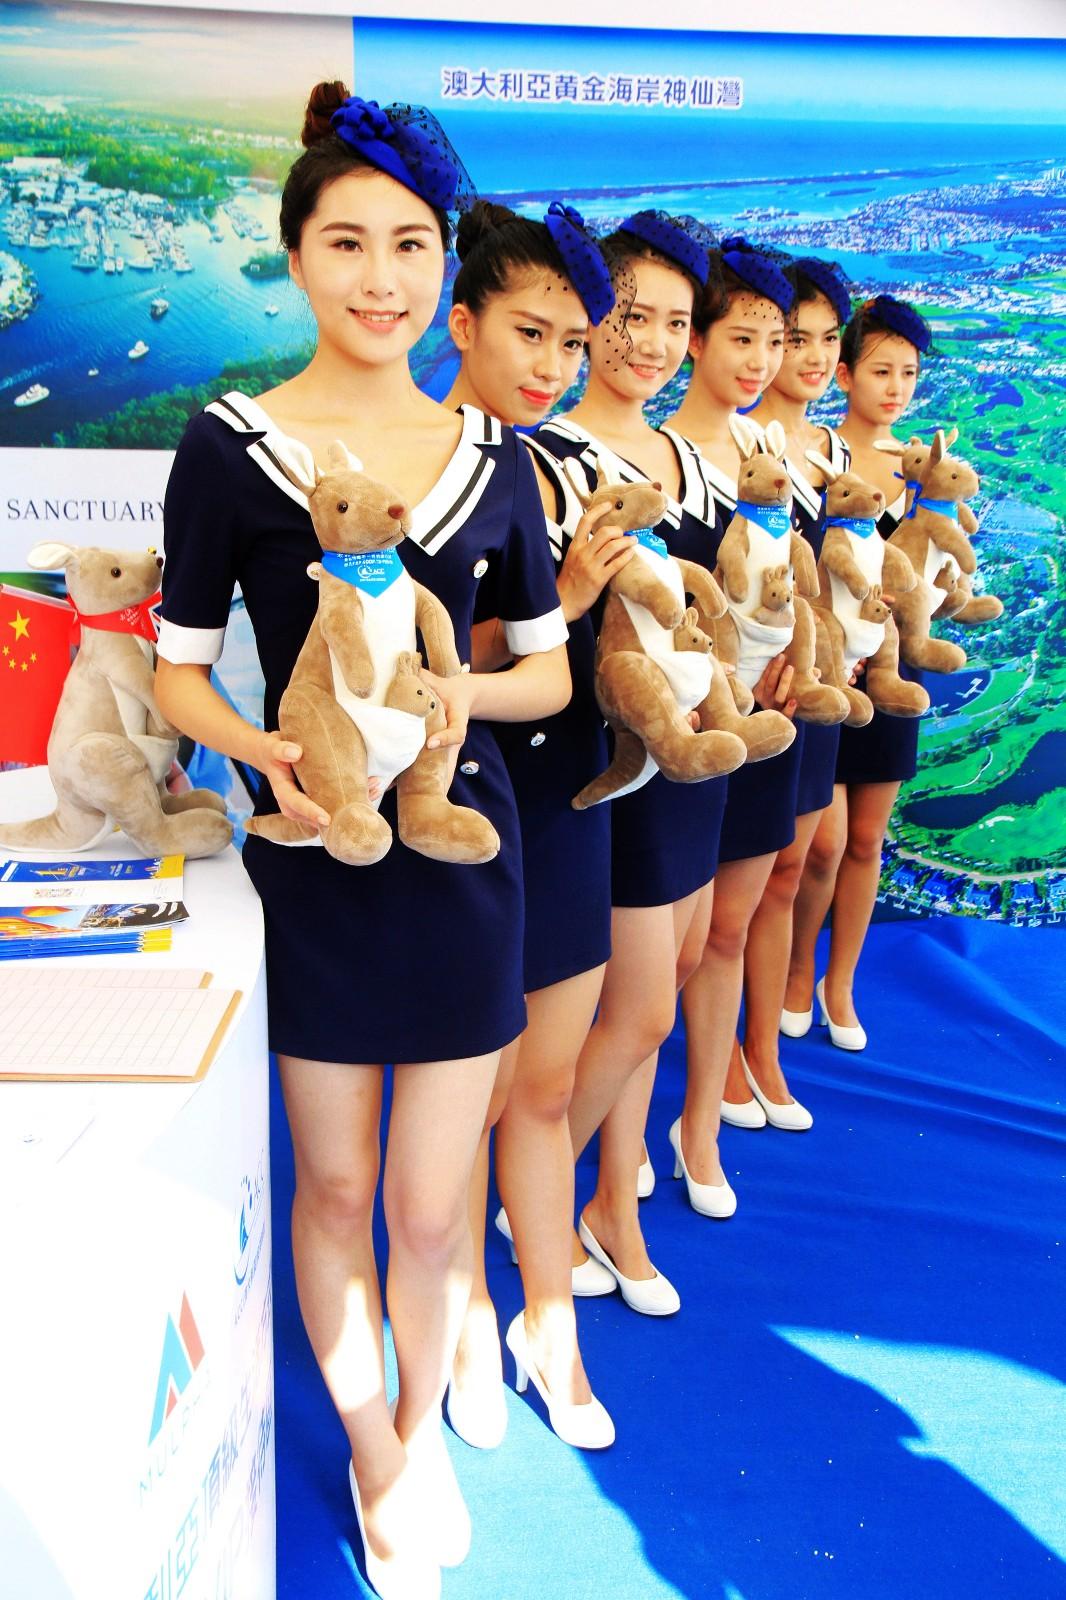 第九届厦门国际游艇展|11月4日,掀起全民亲水狂欢体验潮 b10fcd35851c5f8d43c1a4c9632f32db.jpg